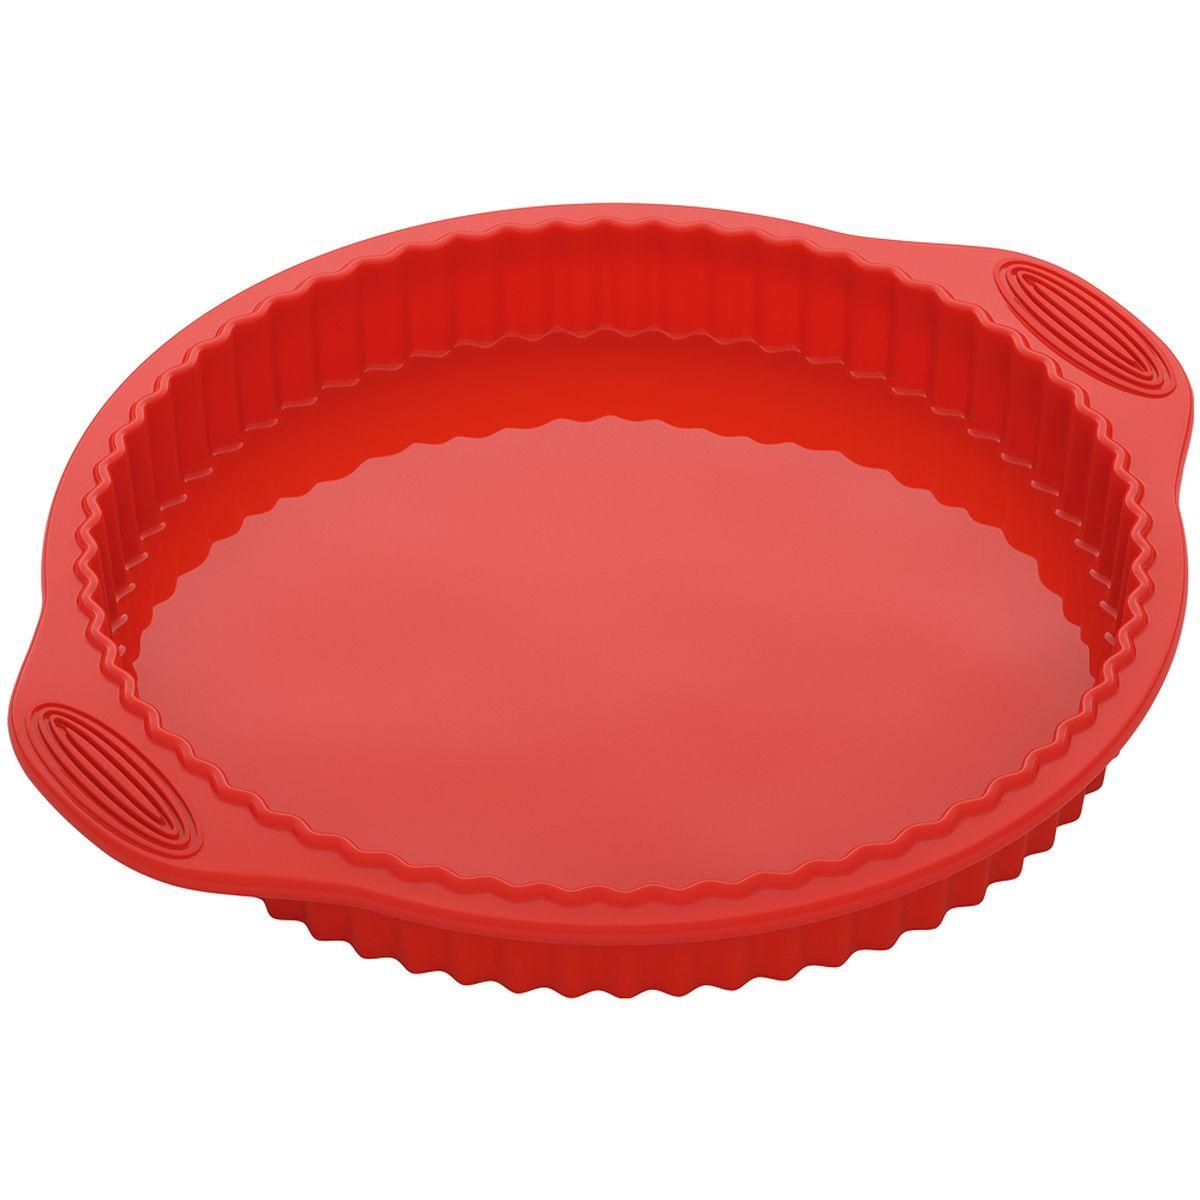 Форма Nadoba, круглая для пирога/пиццы, силиконовая762018Высококачественный жаропрочный силикон, стандарт LFGB (Германия), не белеет. Рабочие температуры: от 40 до 230 °С. Выпечка легко вынимается и не пригорает. Формы легко моются и их удобно хранить в сложенном виде.